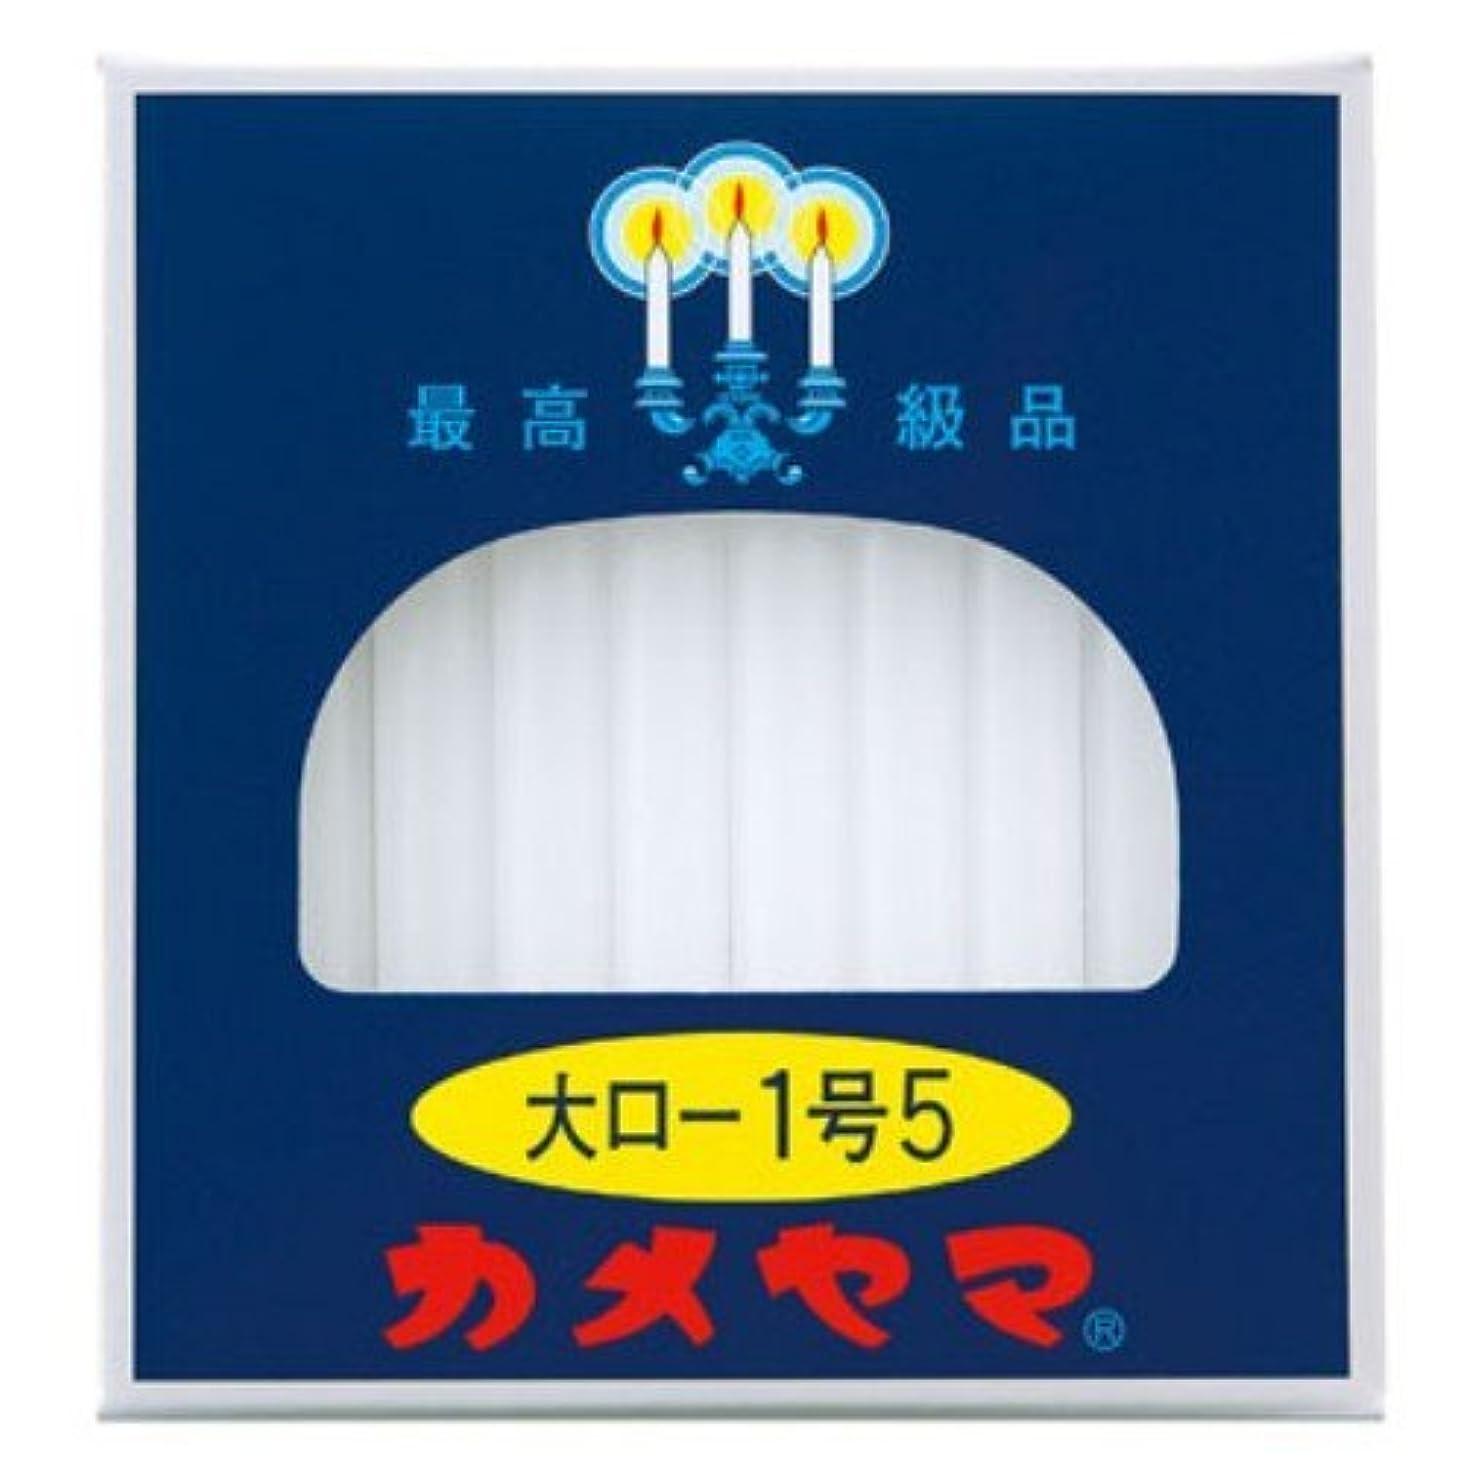 エアコンつかの間去るカメヤマ ローソク大1.5号 40入 225G